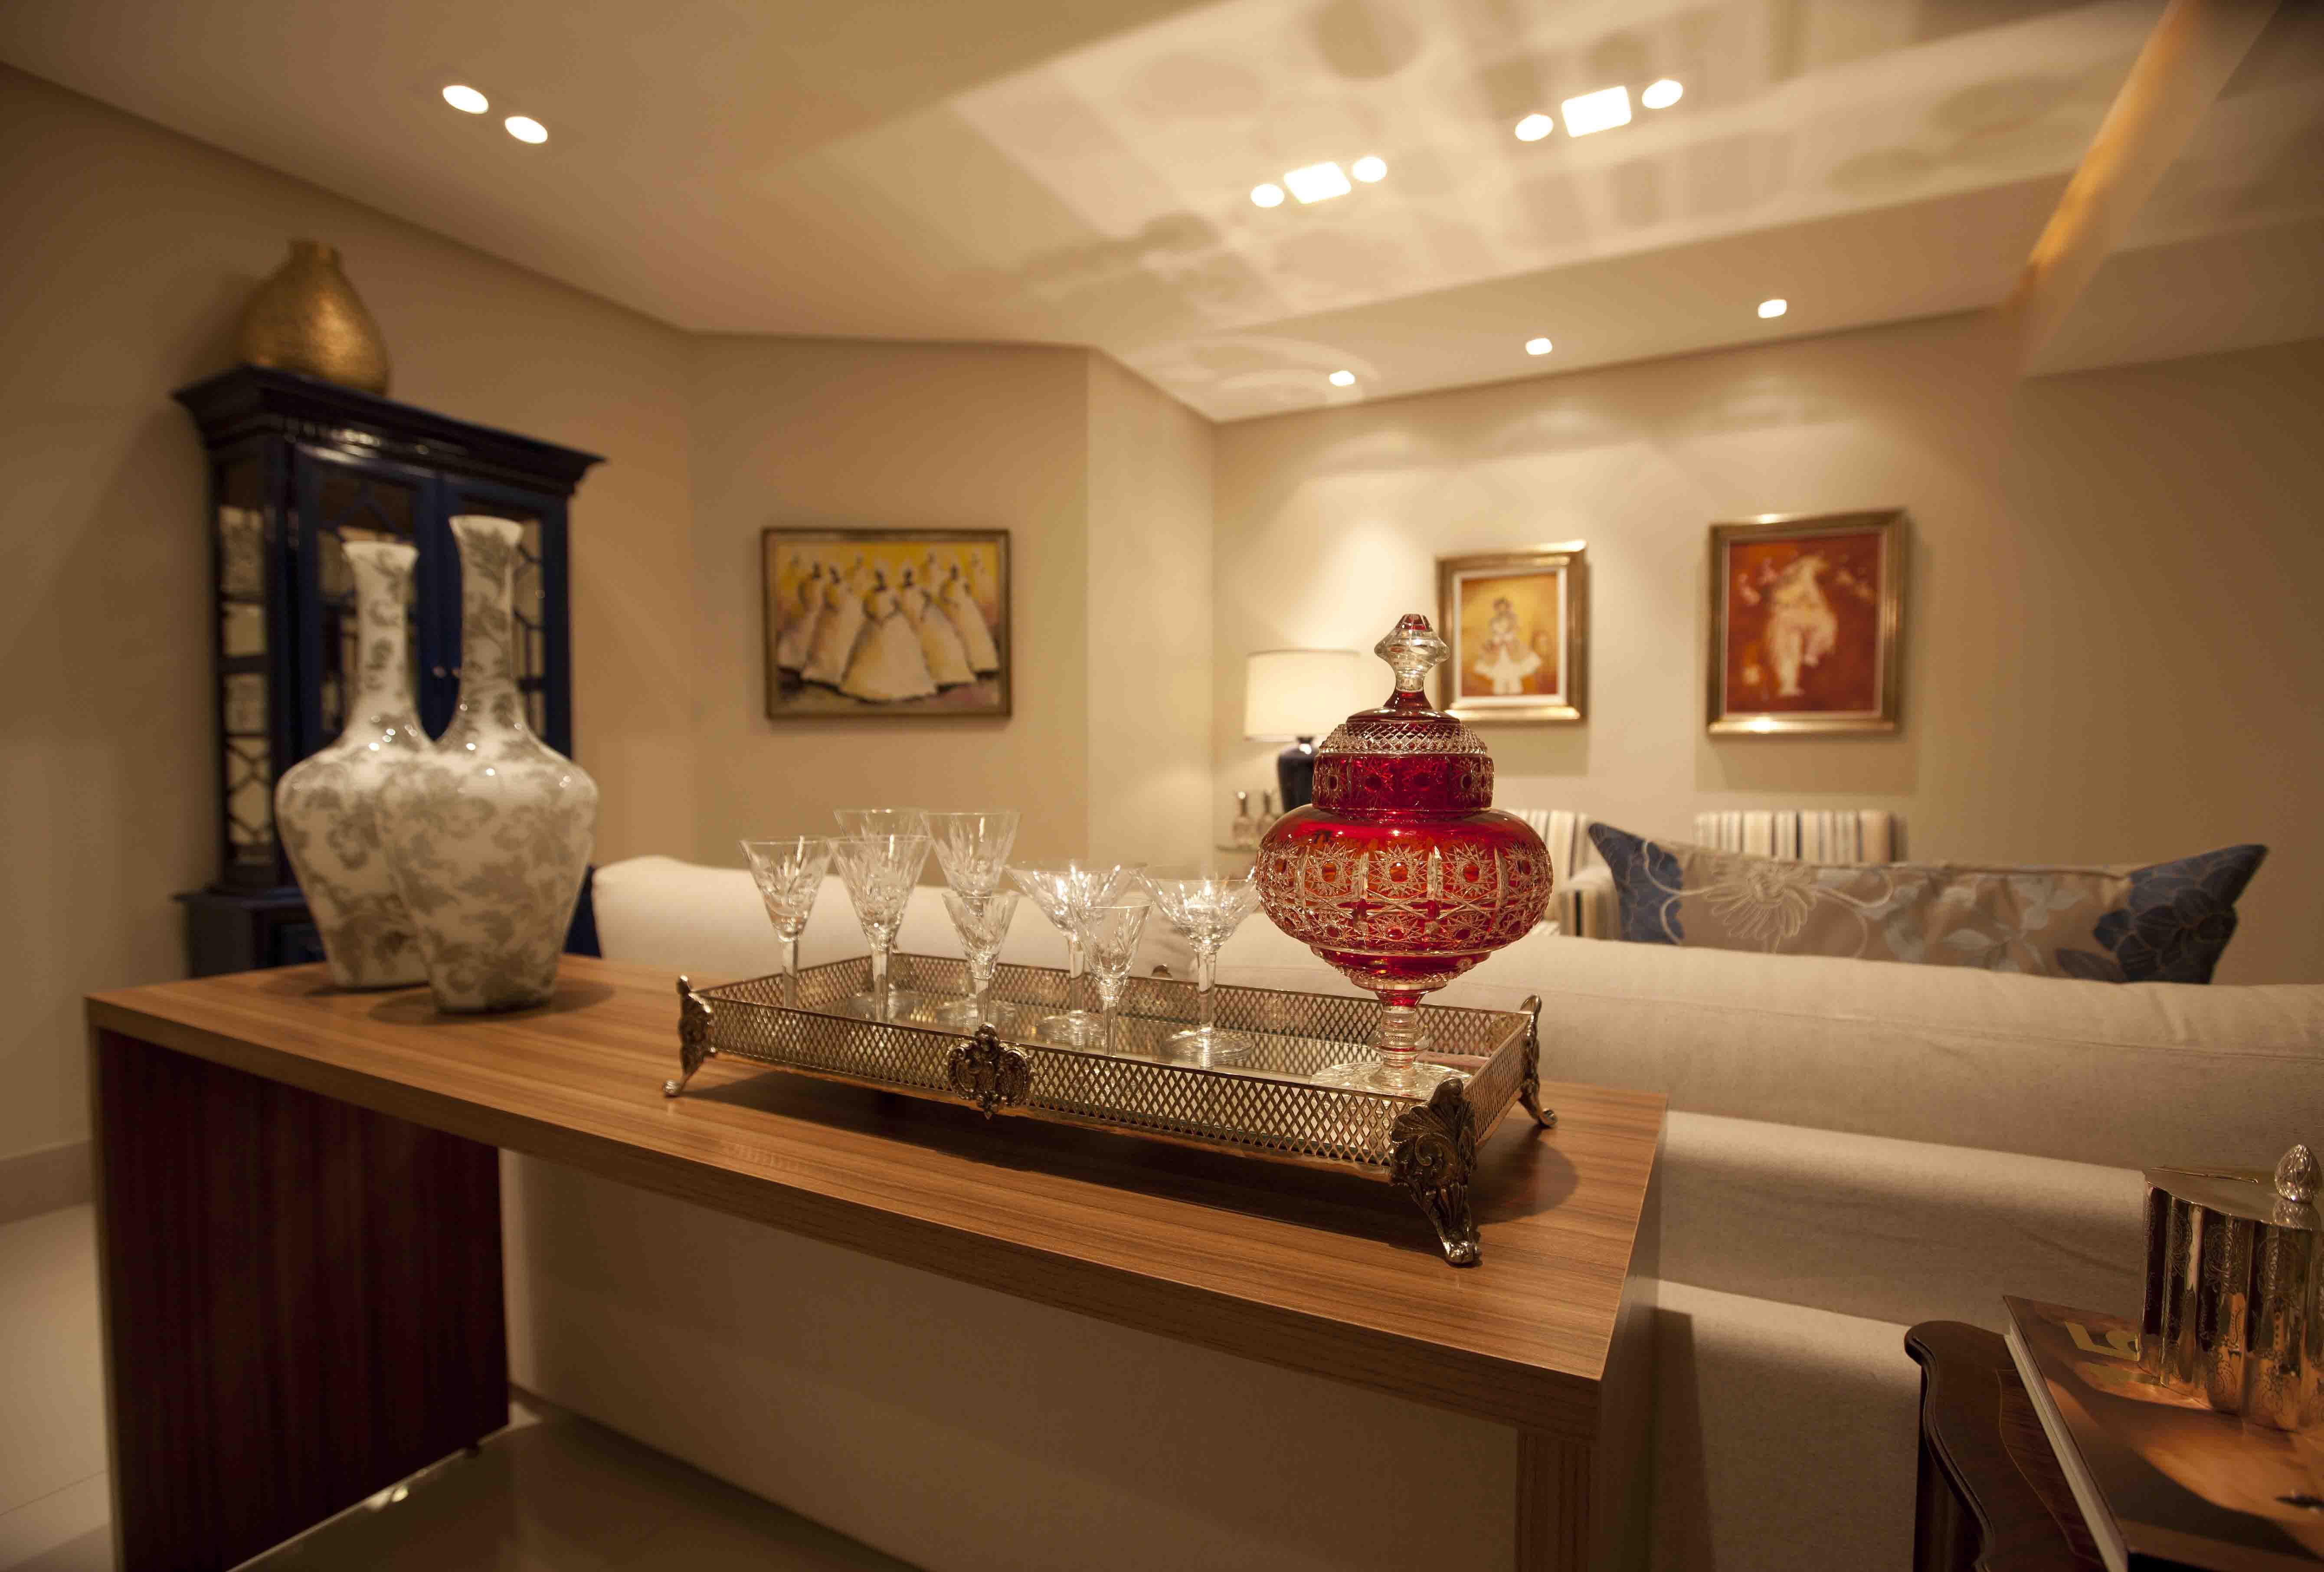 Artigos para decoração de interiores 7